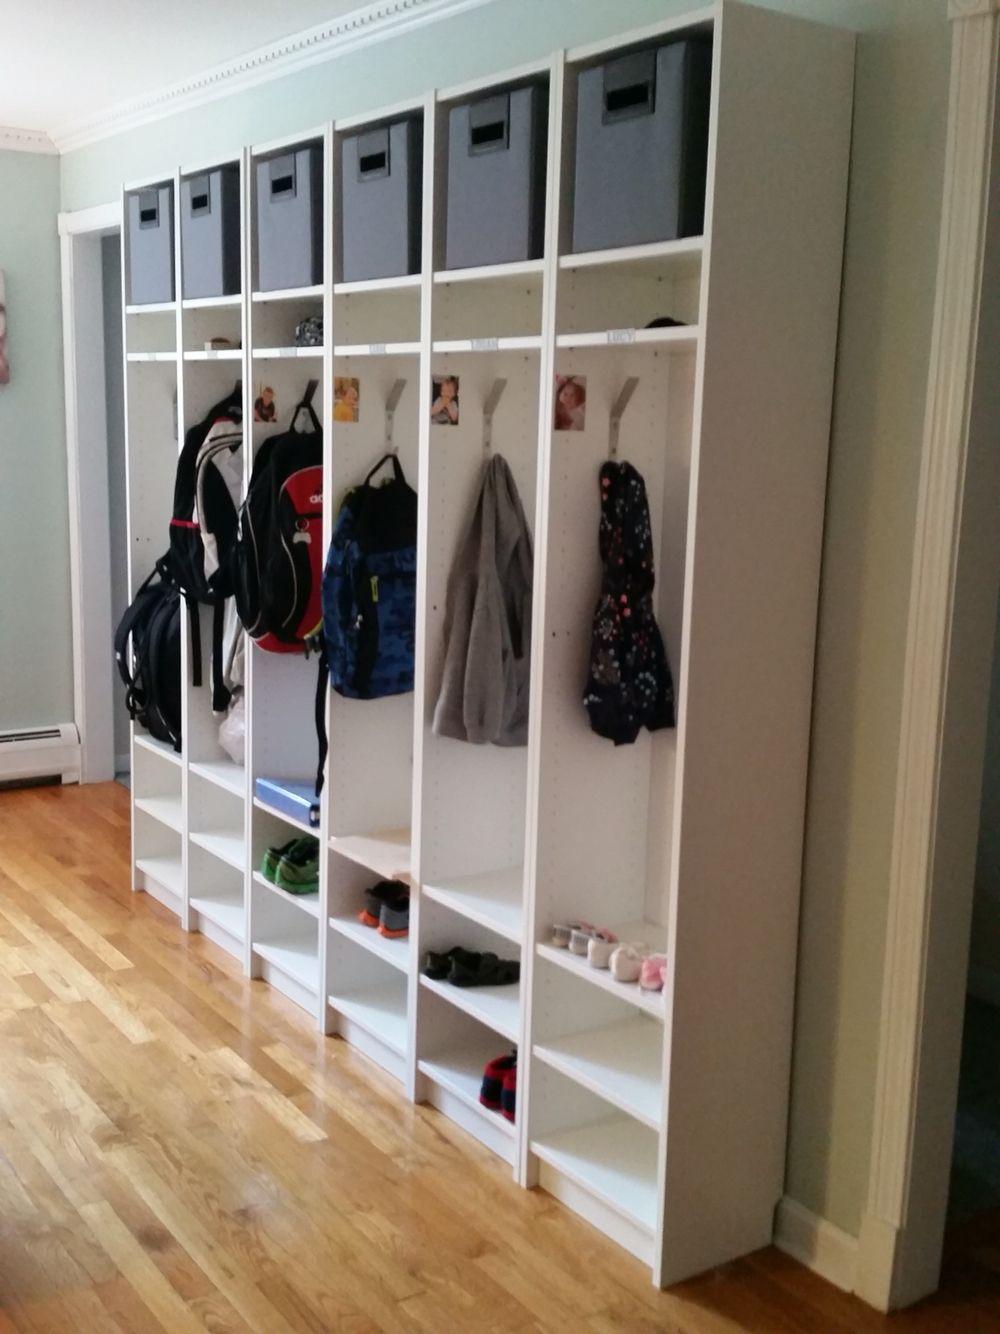 Full Size of Ikea Küchenregal Hack Billy Bookcases Turned Cubbies Bcherschrank Küche Kosten Sofa Mit Schlaffunktion Betten Bei 160x200 Modulküche Kaufen Miniküche Wohnzimmer Ikea Küchenregal